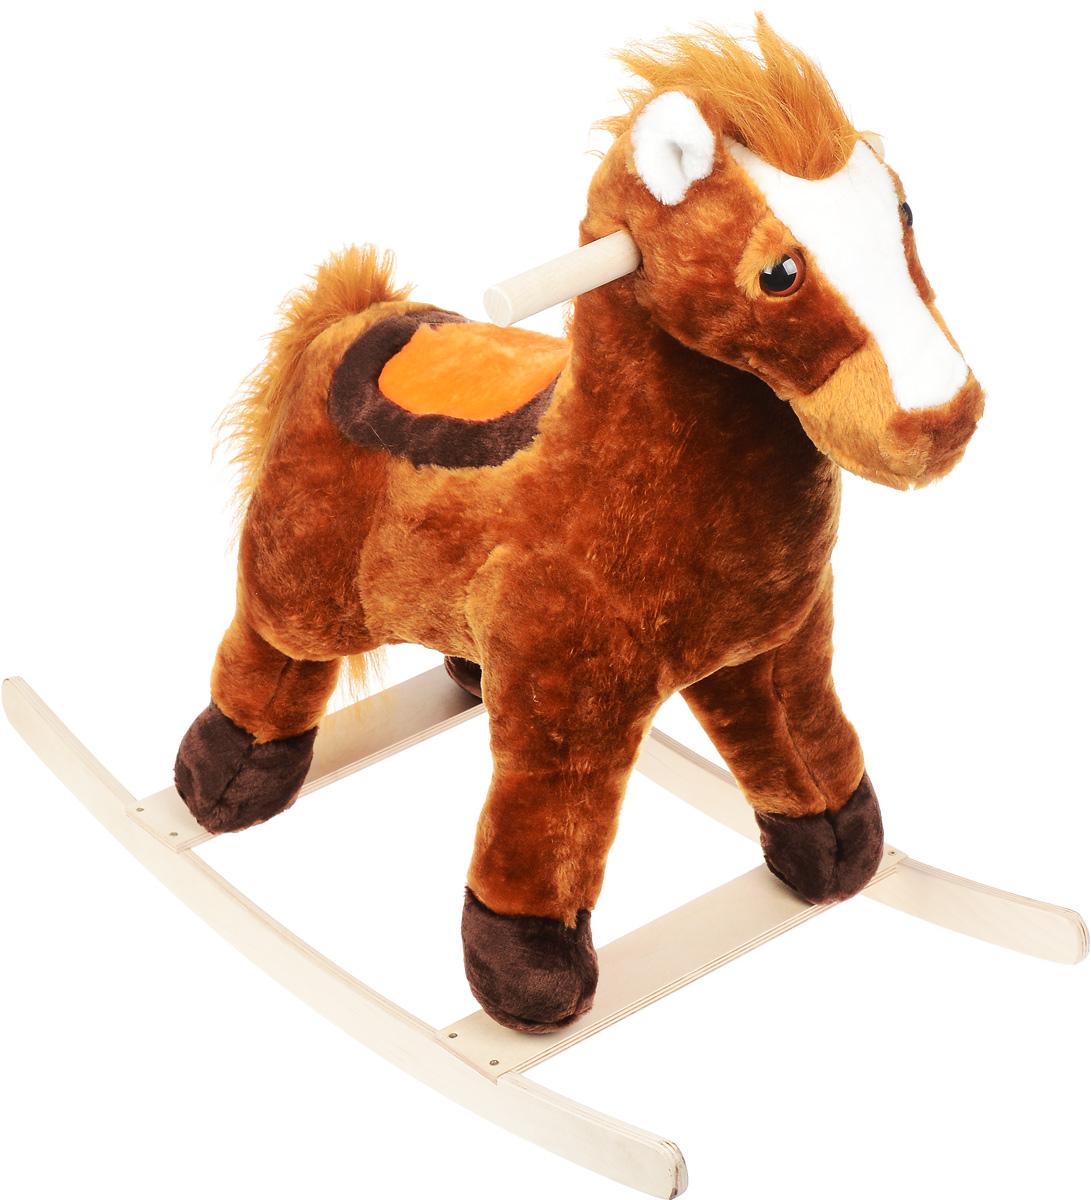 СмолТойс Игрушка-качалка Лошадь цвет коричневый